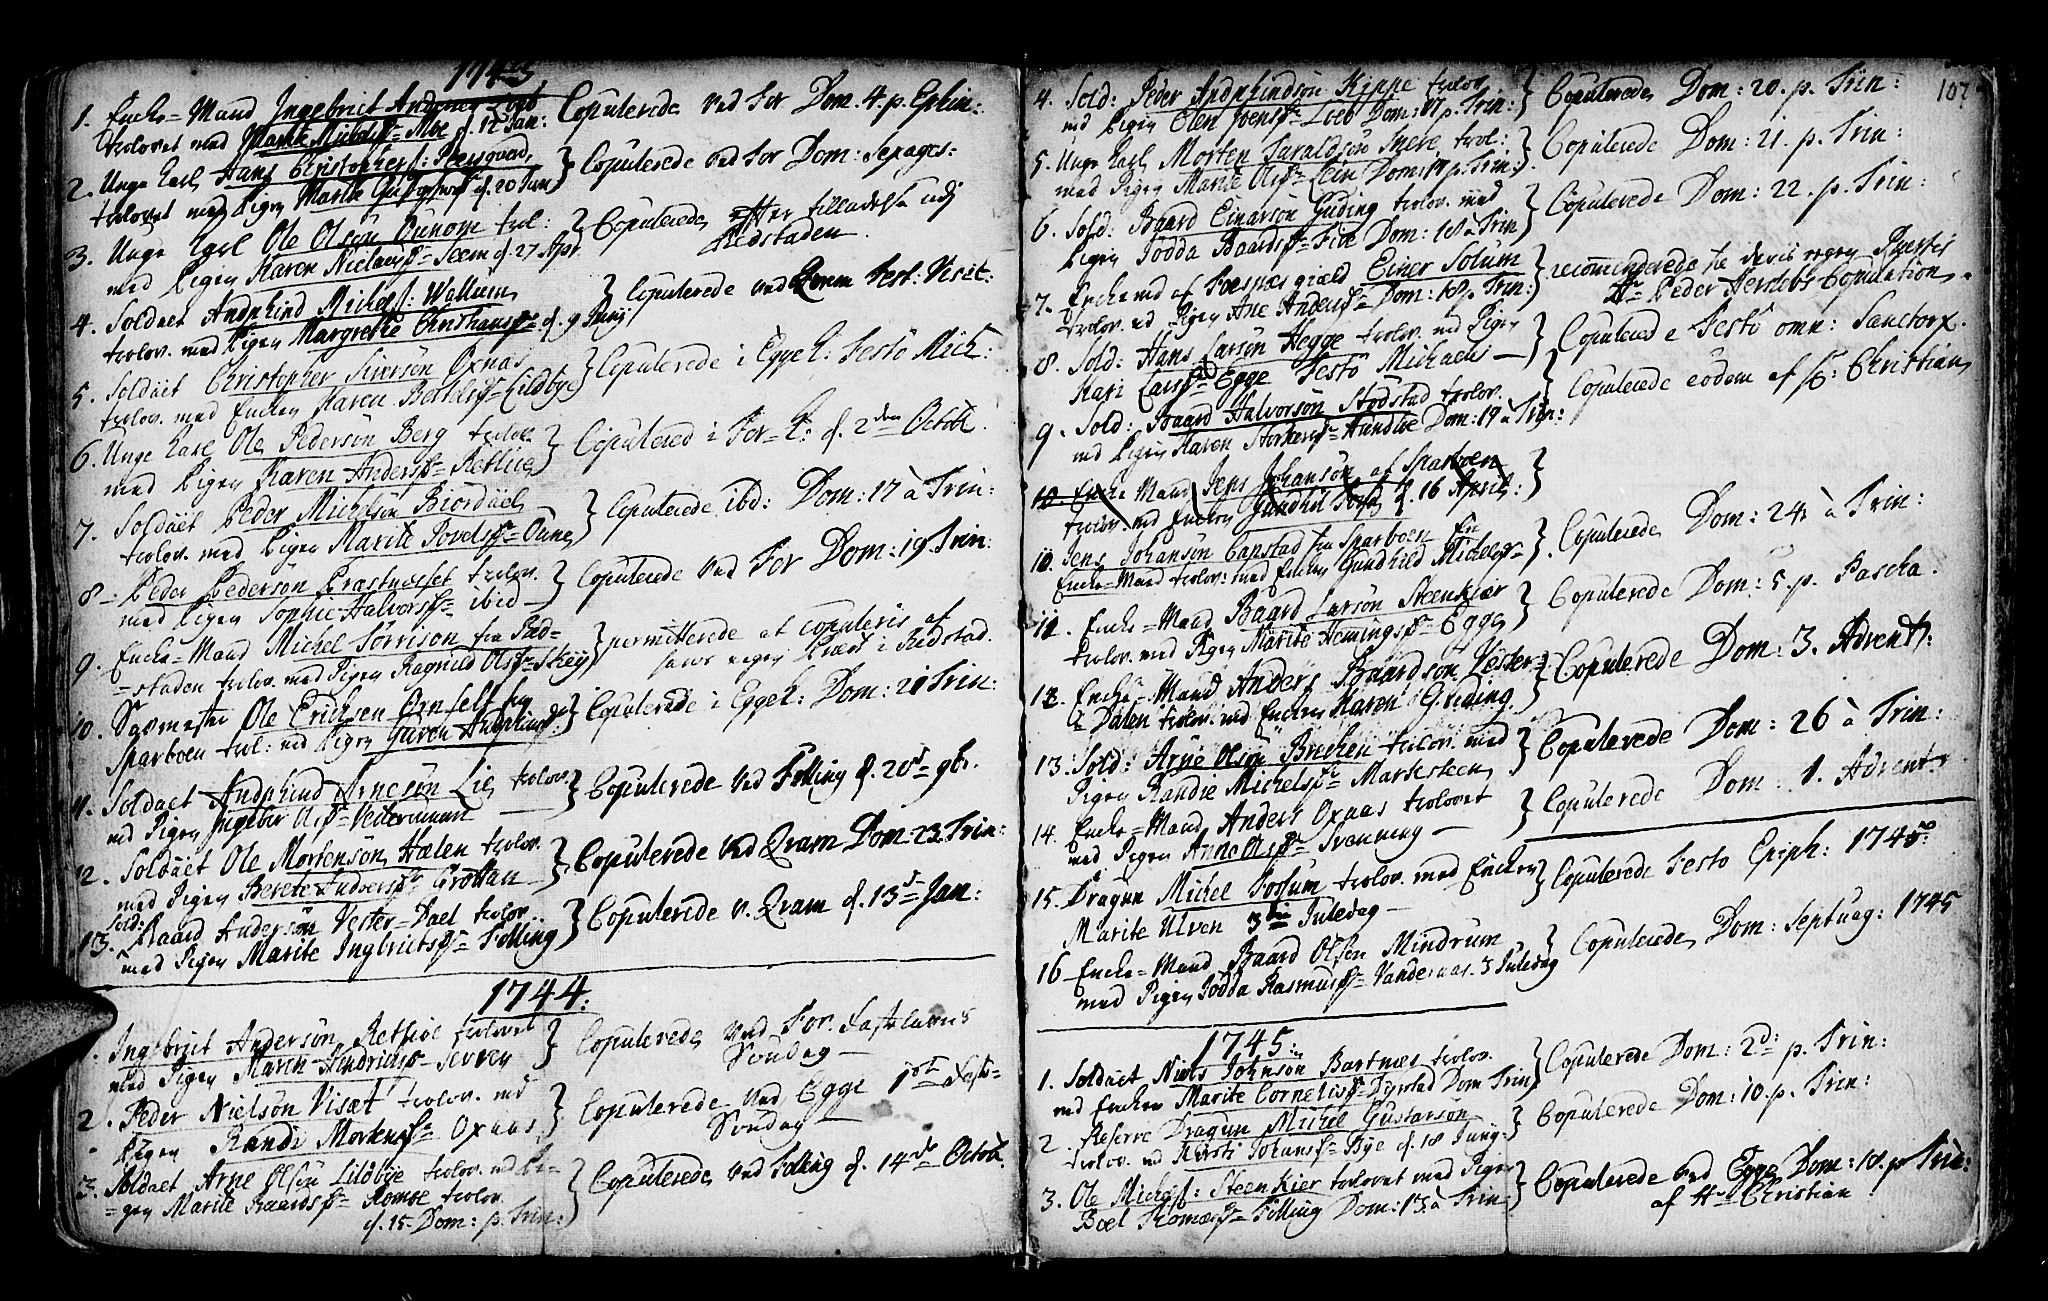 SAT, Ministerialprotokoller, klokkerbøker og fødselsregistre - Nord-Trøndelag, 746/L0439: Ministerialbok nr. 746A01, 1688-1759, s. 107